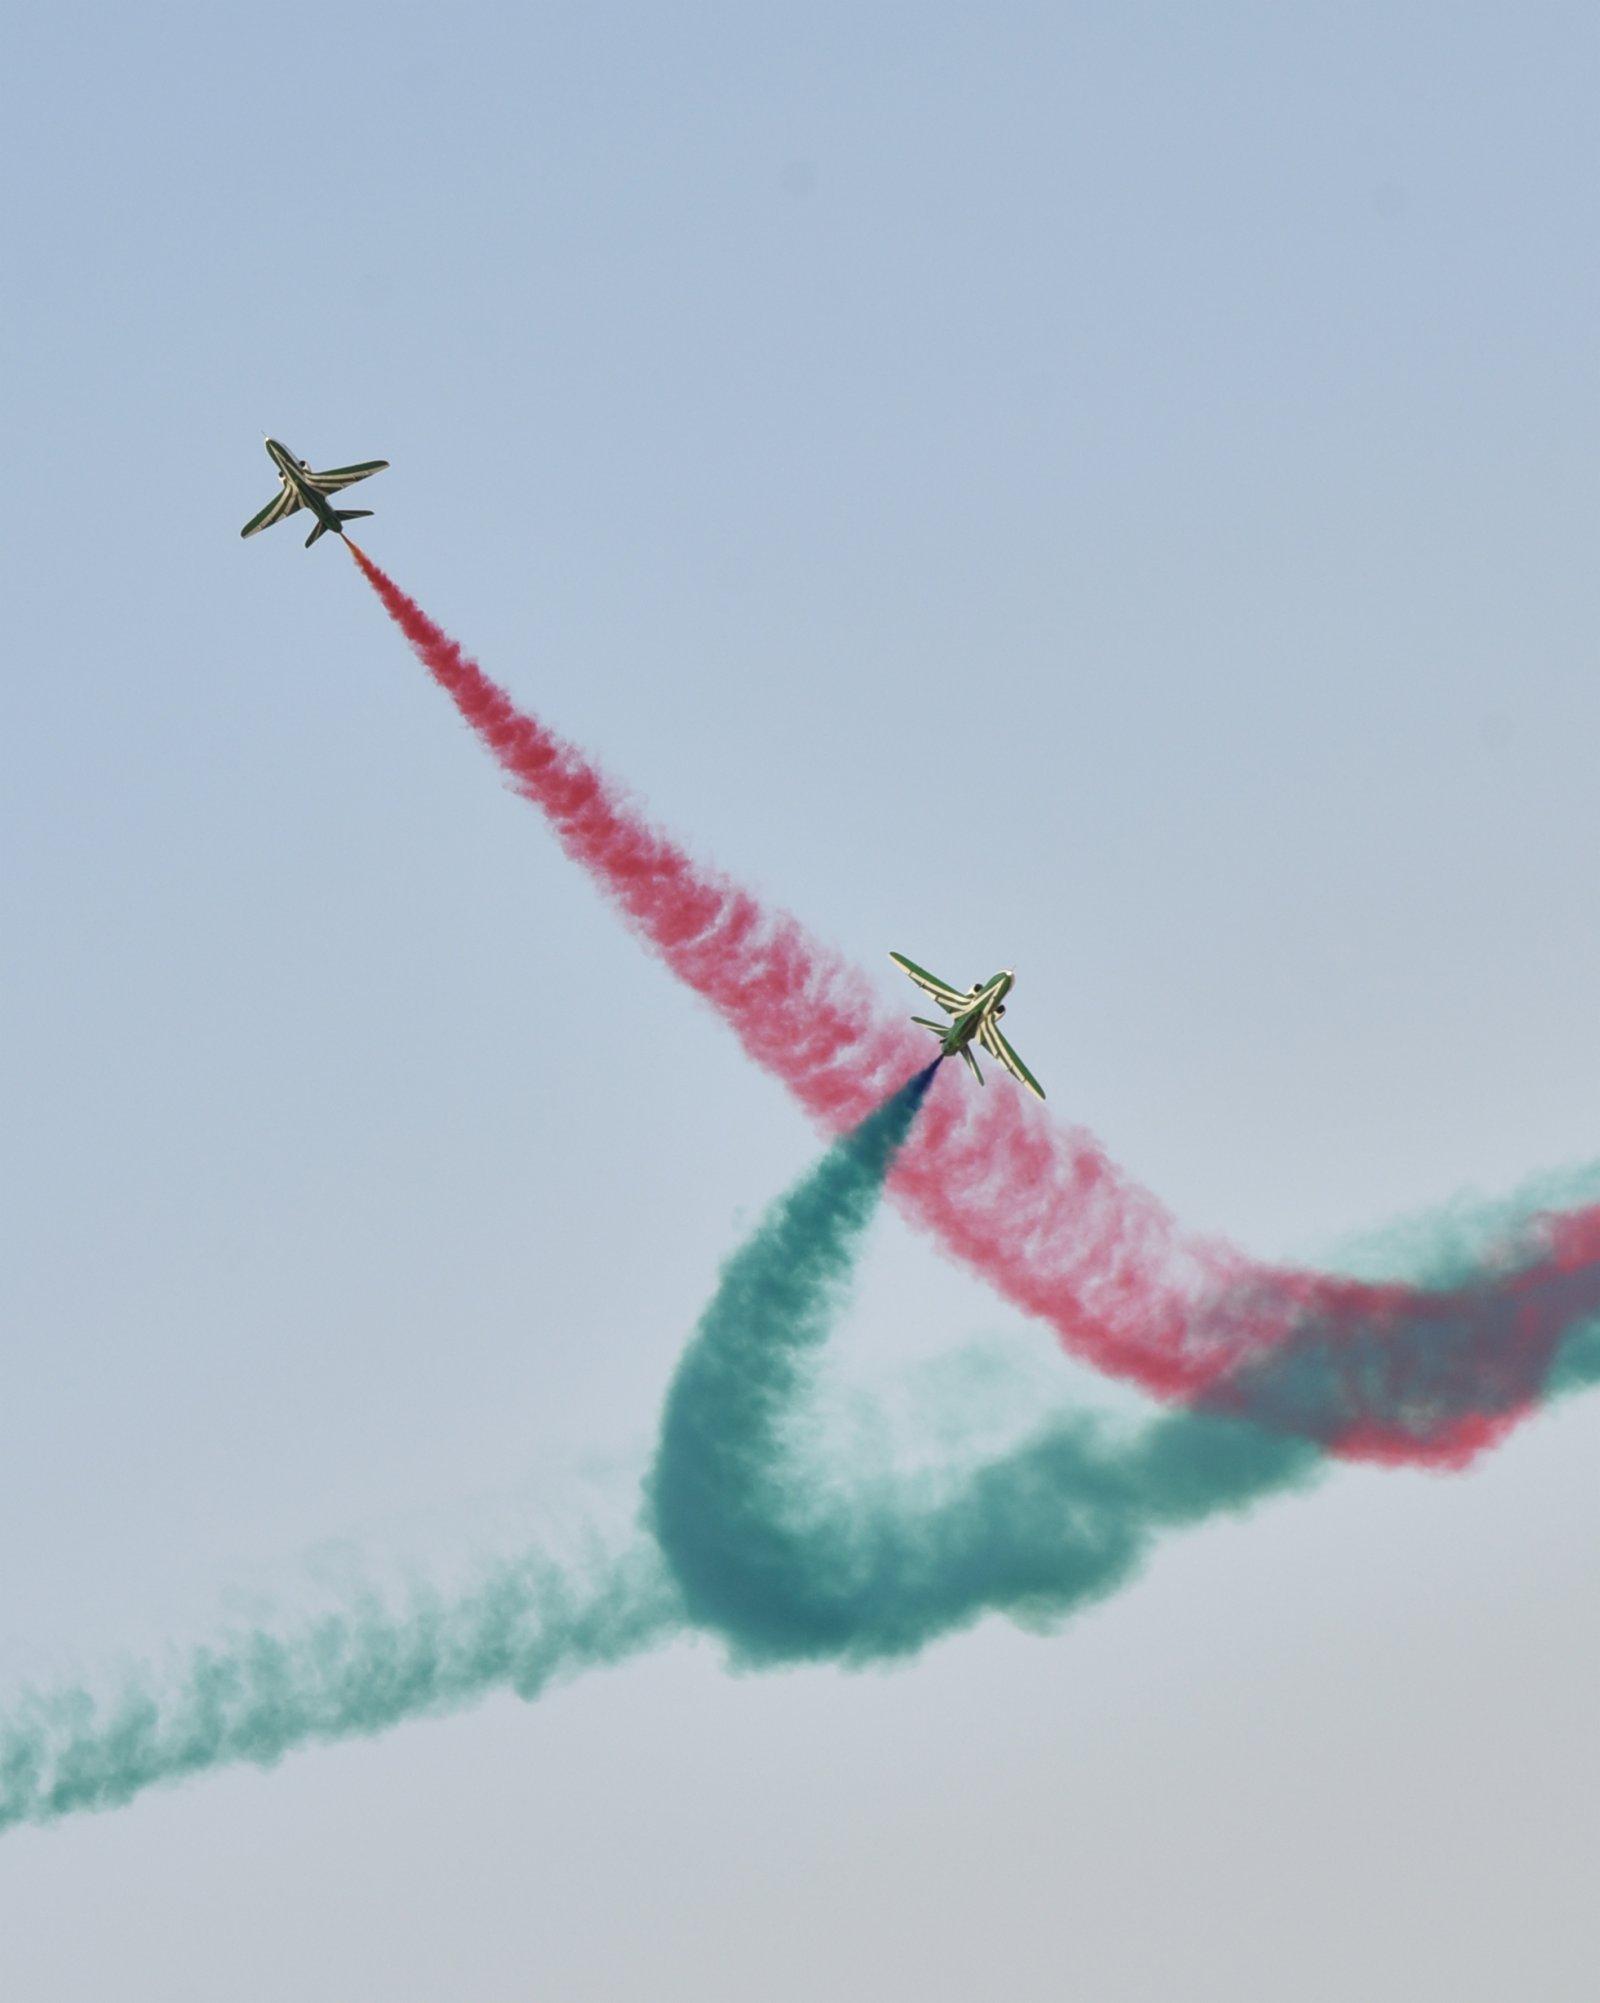 9月22日,在沙特阿拉伯首都利雅得,飛機在天空中噴射彩煙,並作出特技動作。(新華社)